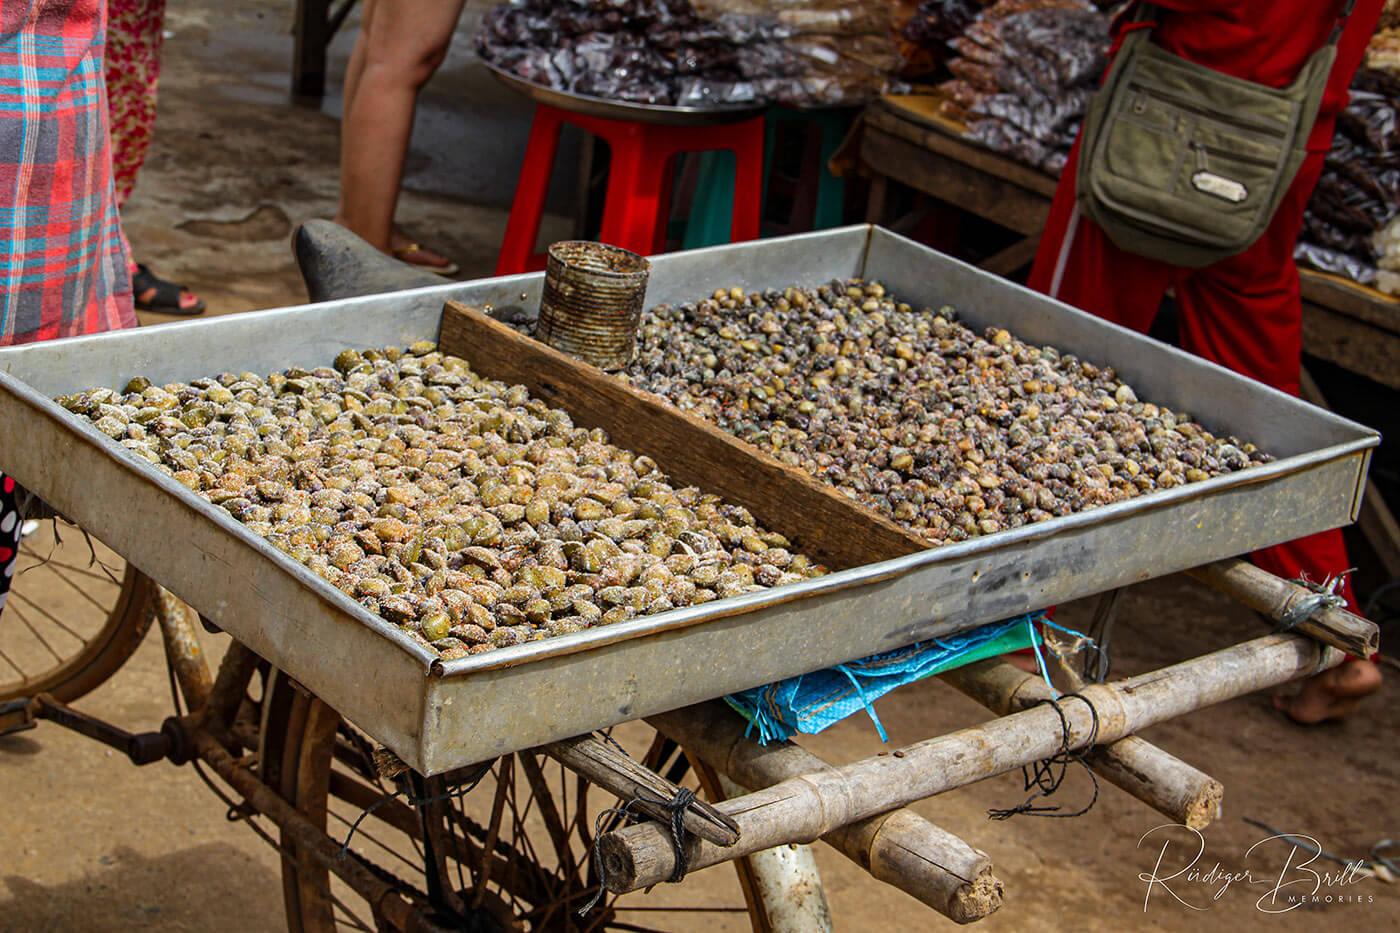 Muscheln mit Salz oder Chili - Streetfood in Kambodscha